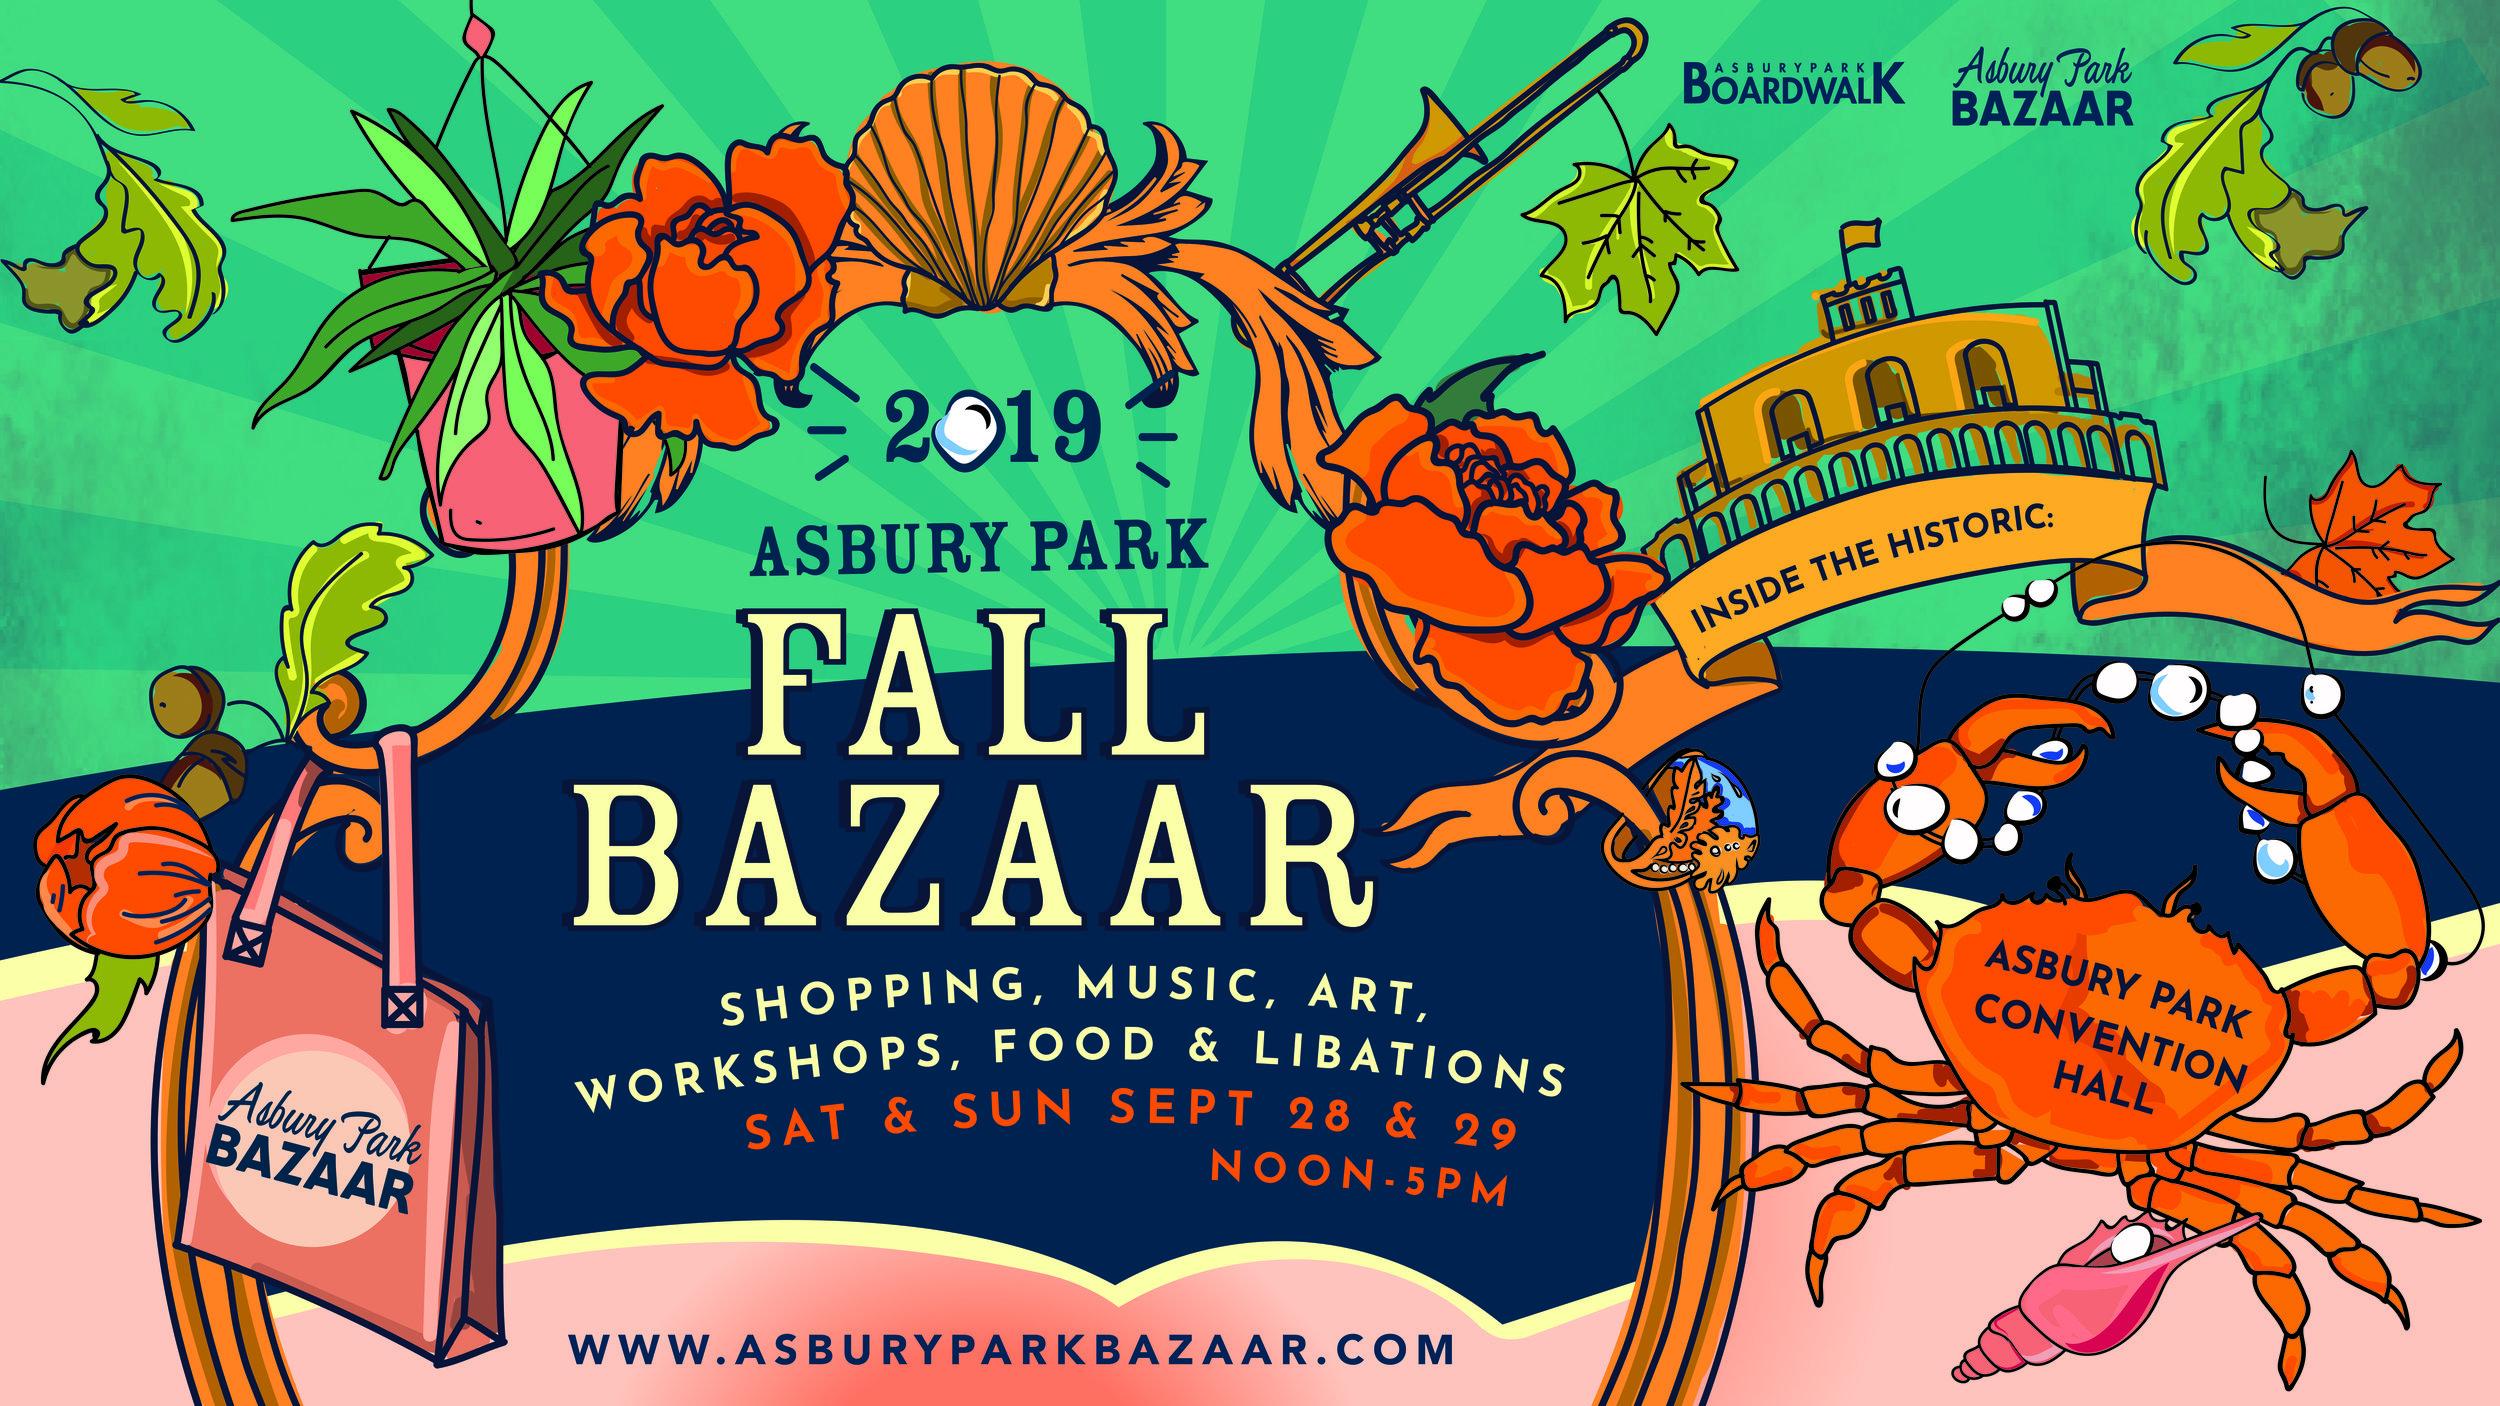 Asbury Park Fall Bazaar 2019 - FB Header image.jpg